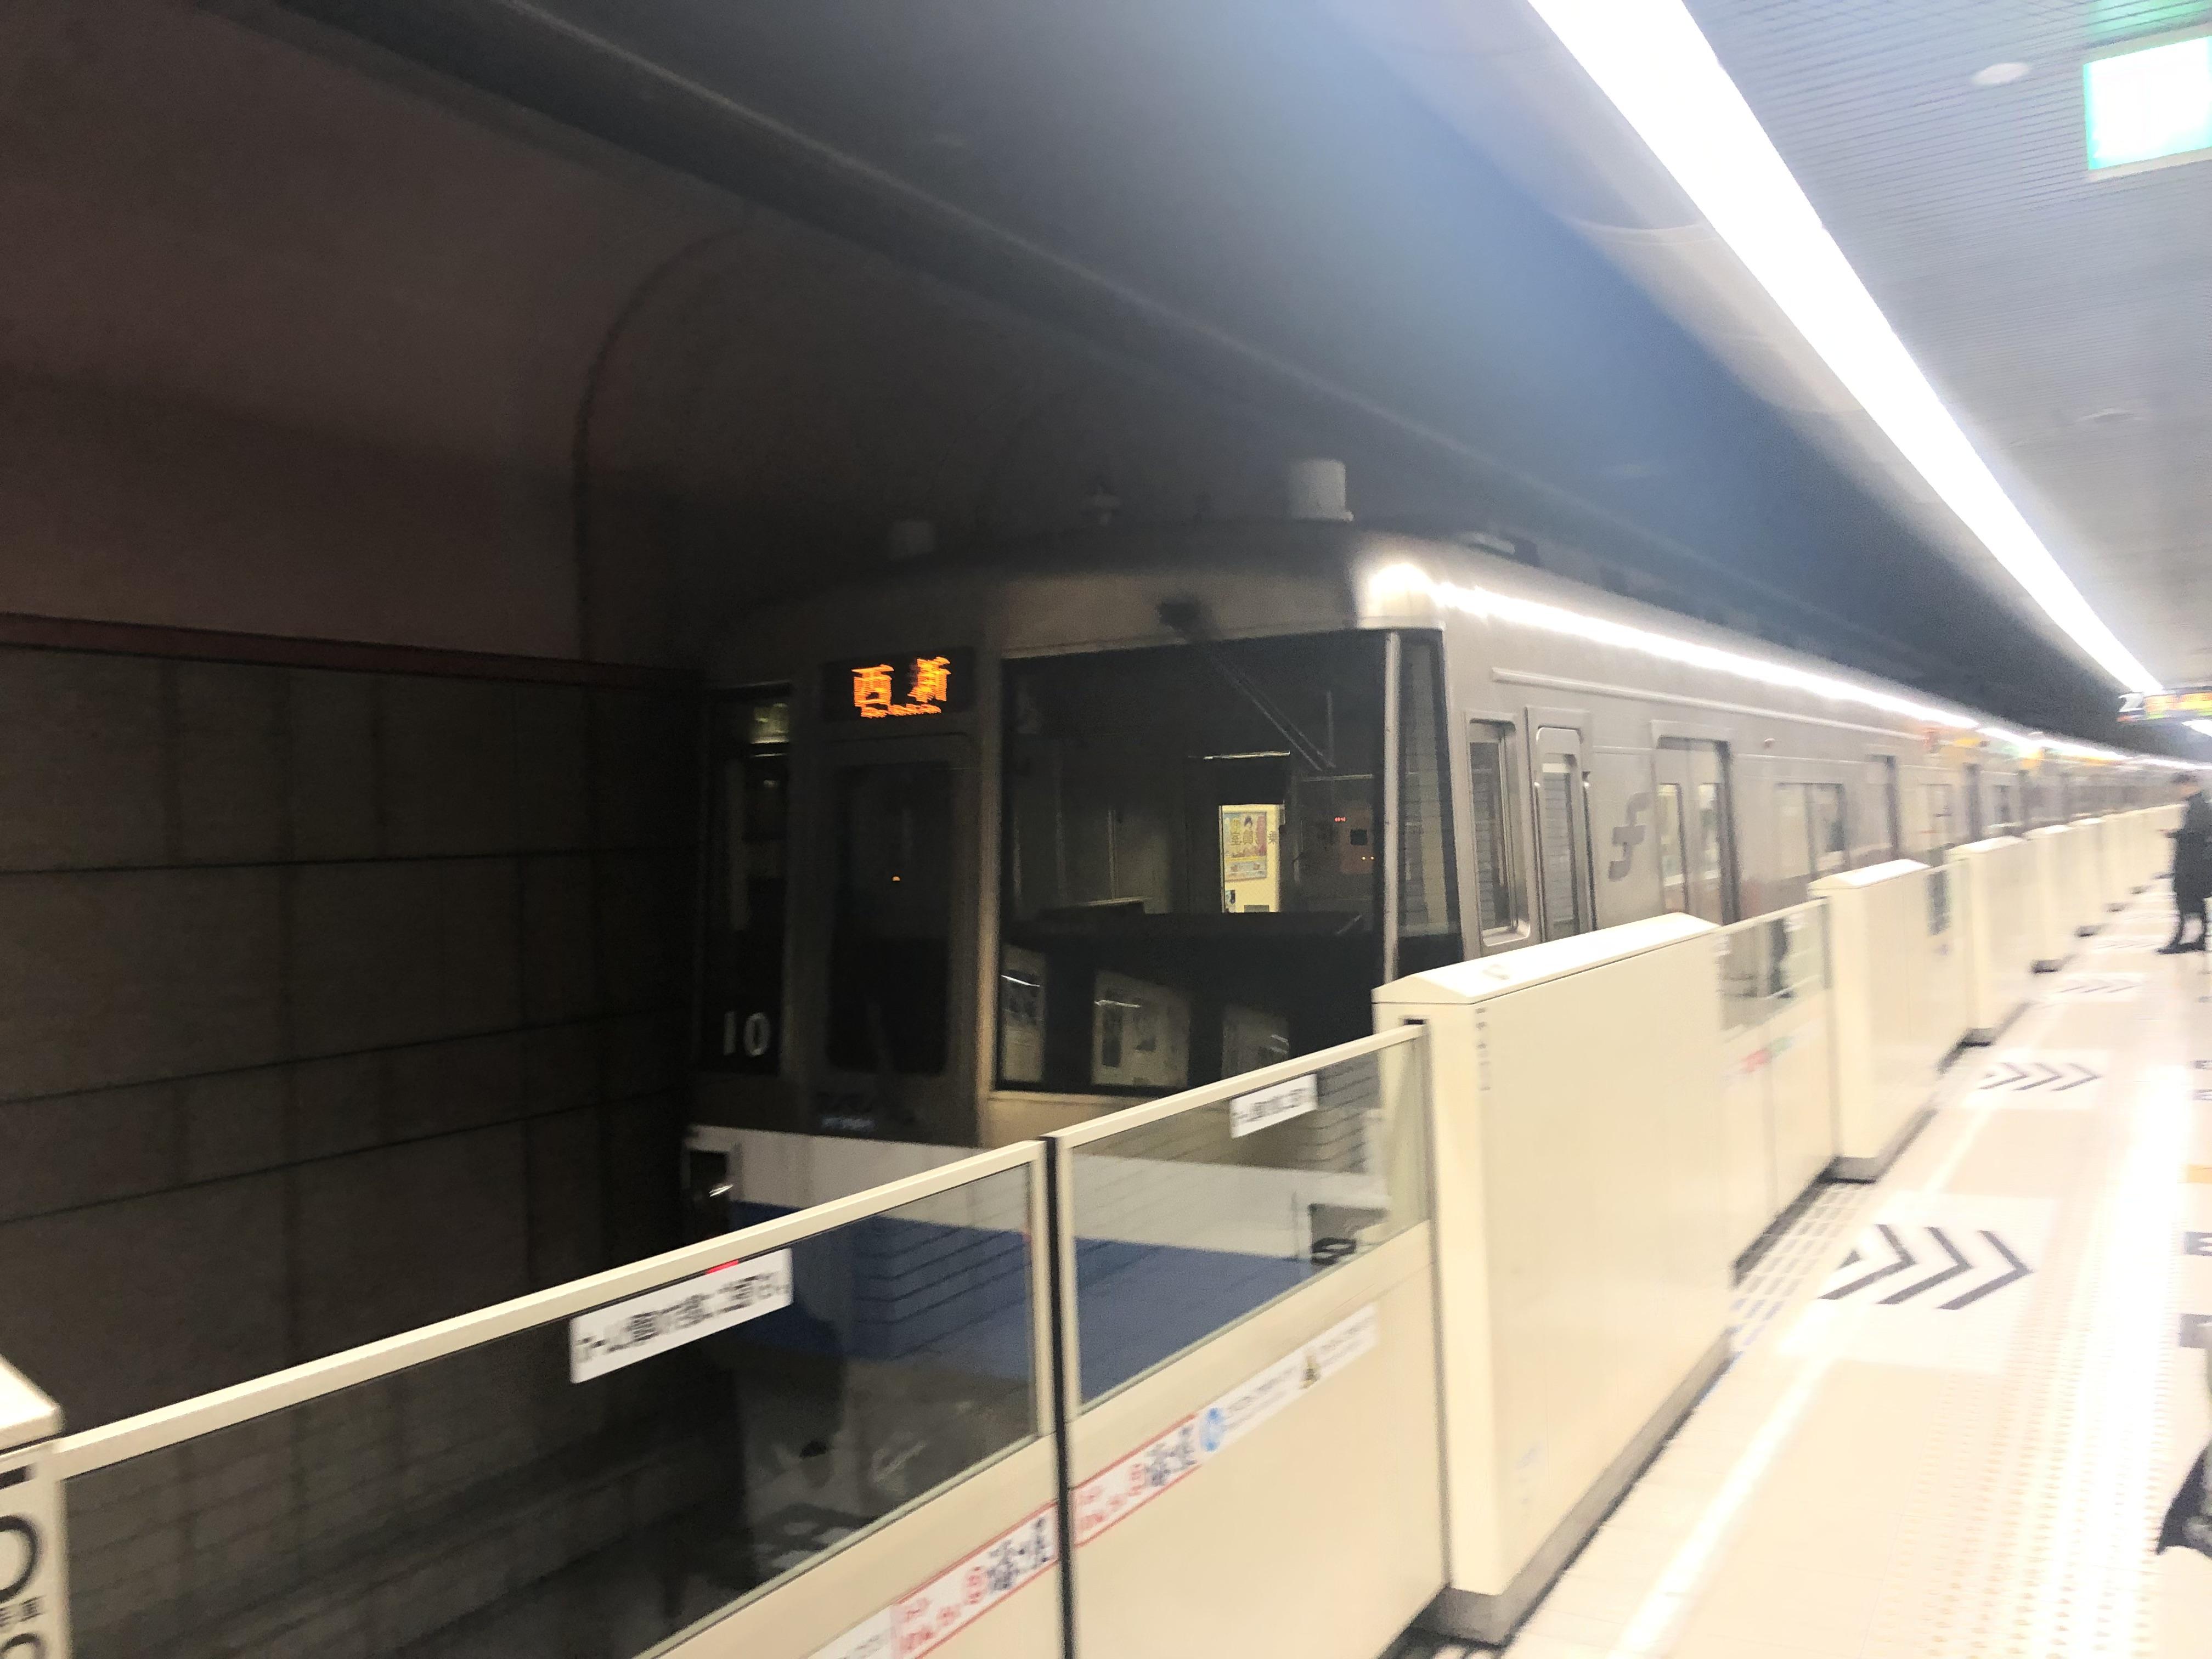 福岡市營地鐵 | Feel Fukuoka Japan